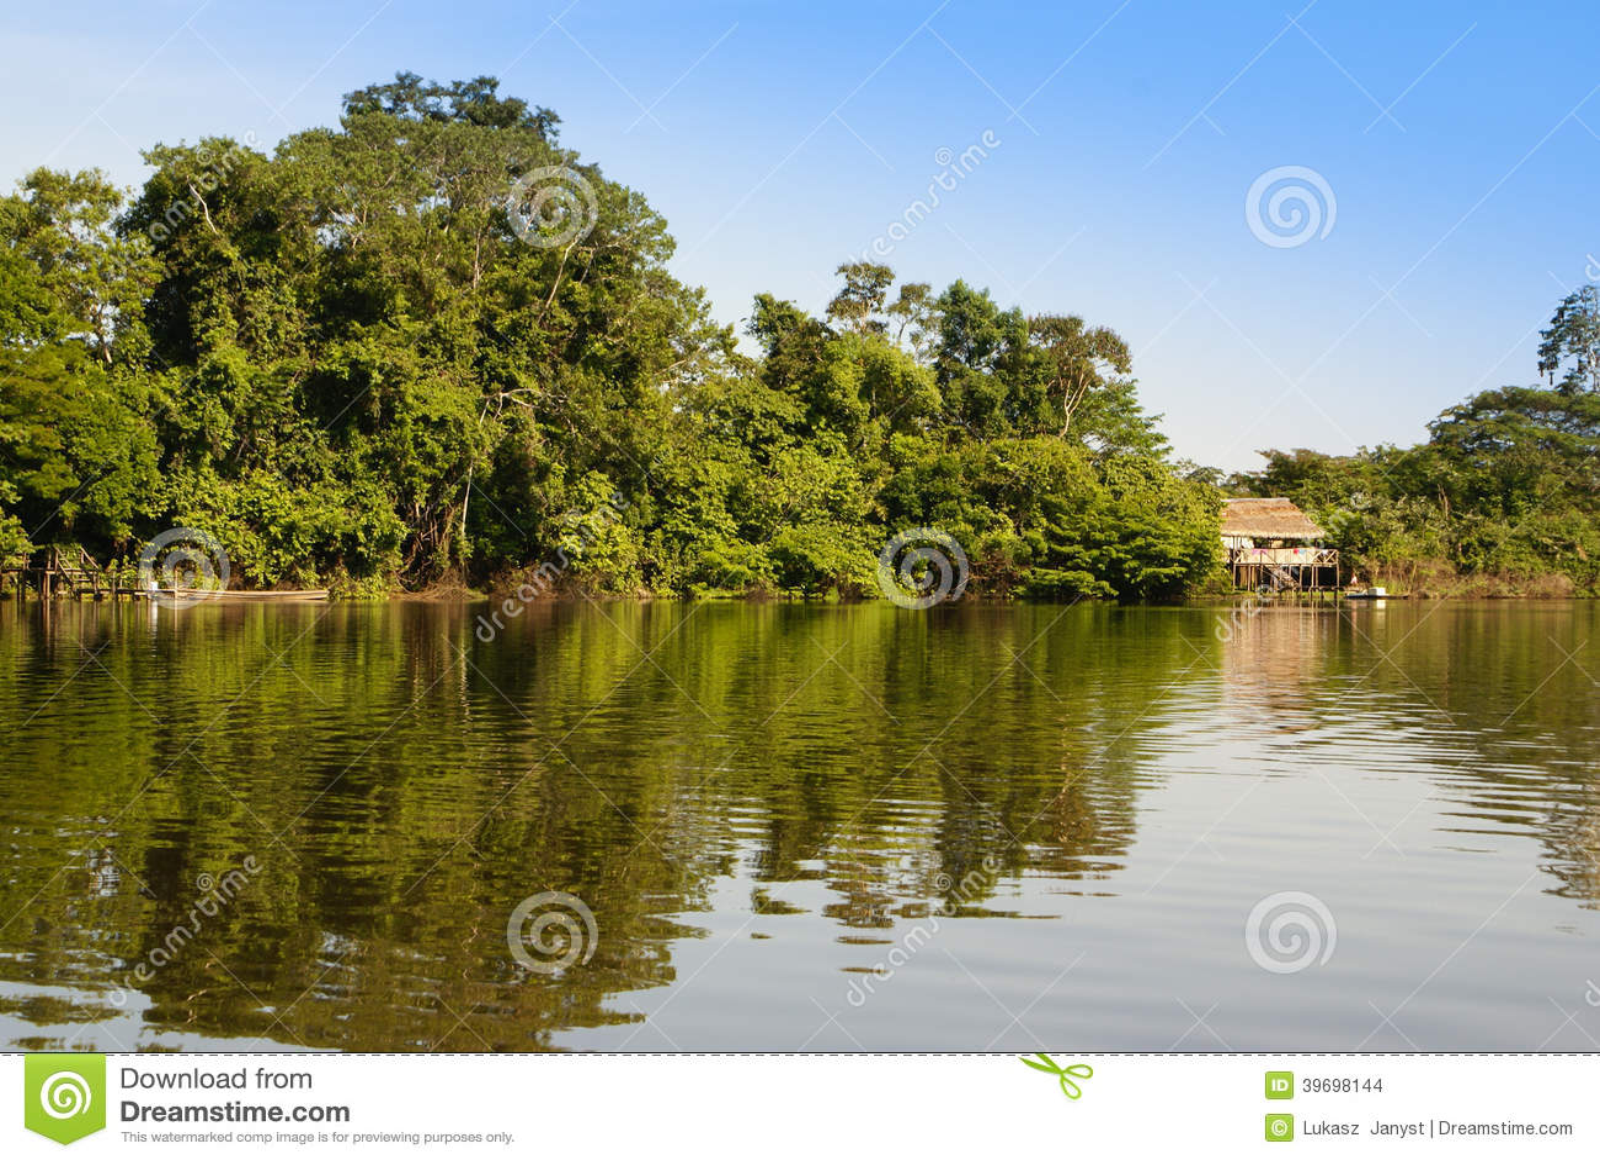 Перу, перуанский ландшафт Amazonas. Настоящий момент типичный ind фото